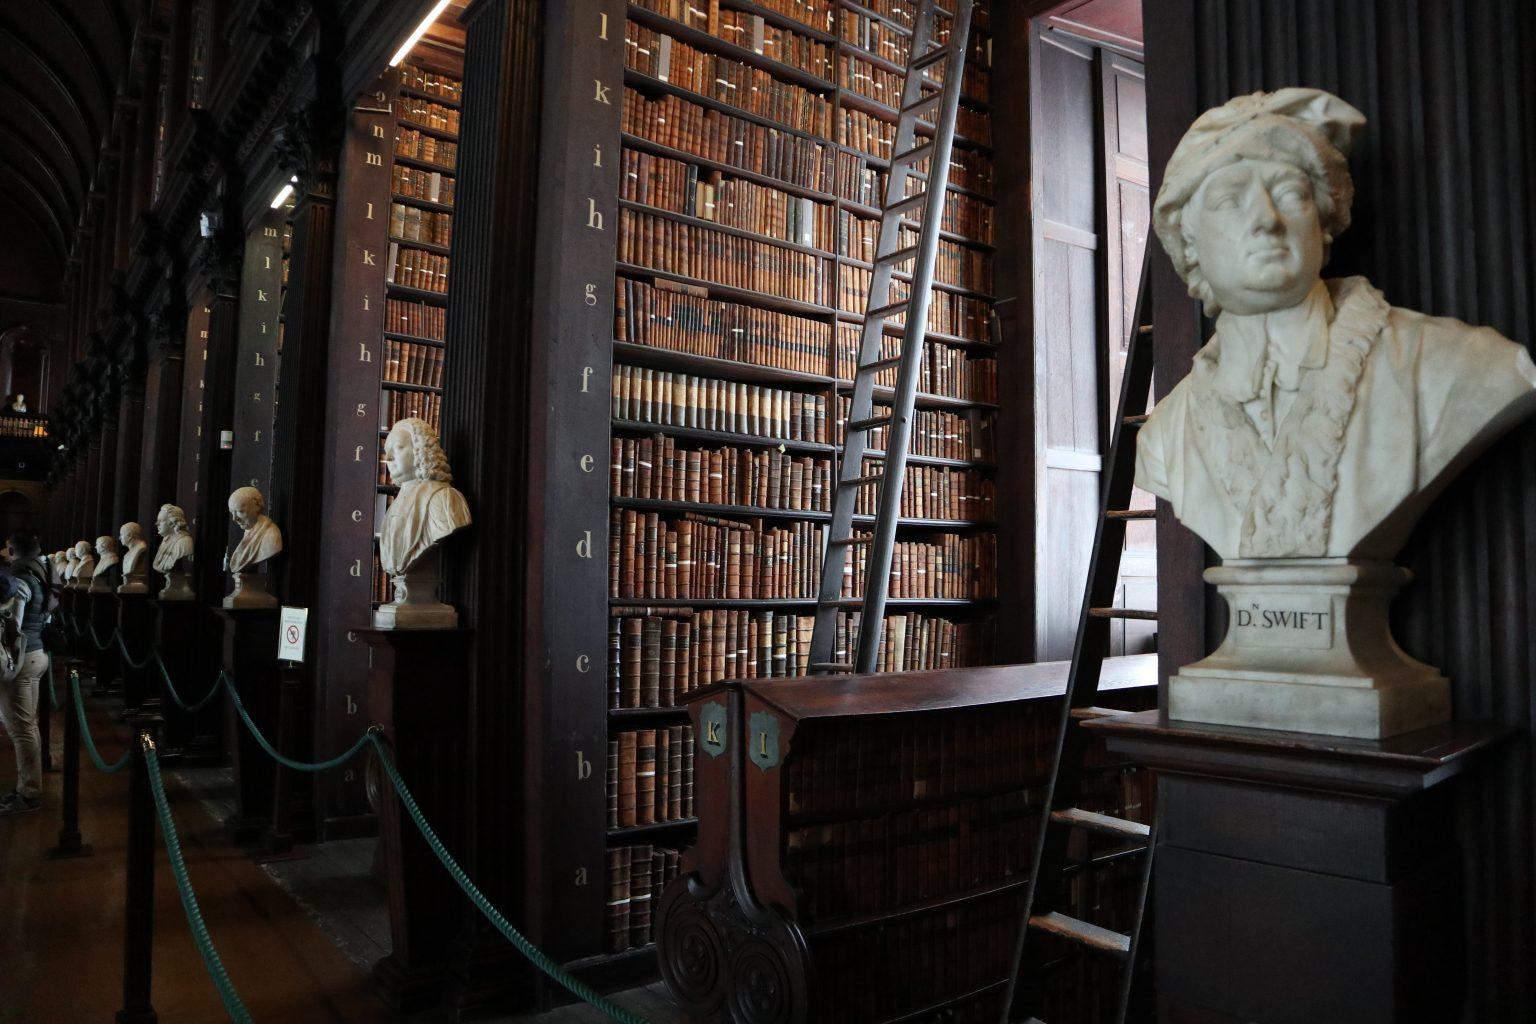 Bustos de la Biblioteca. Trinity College